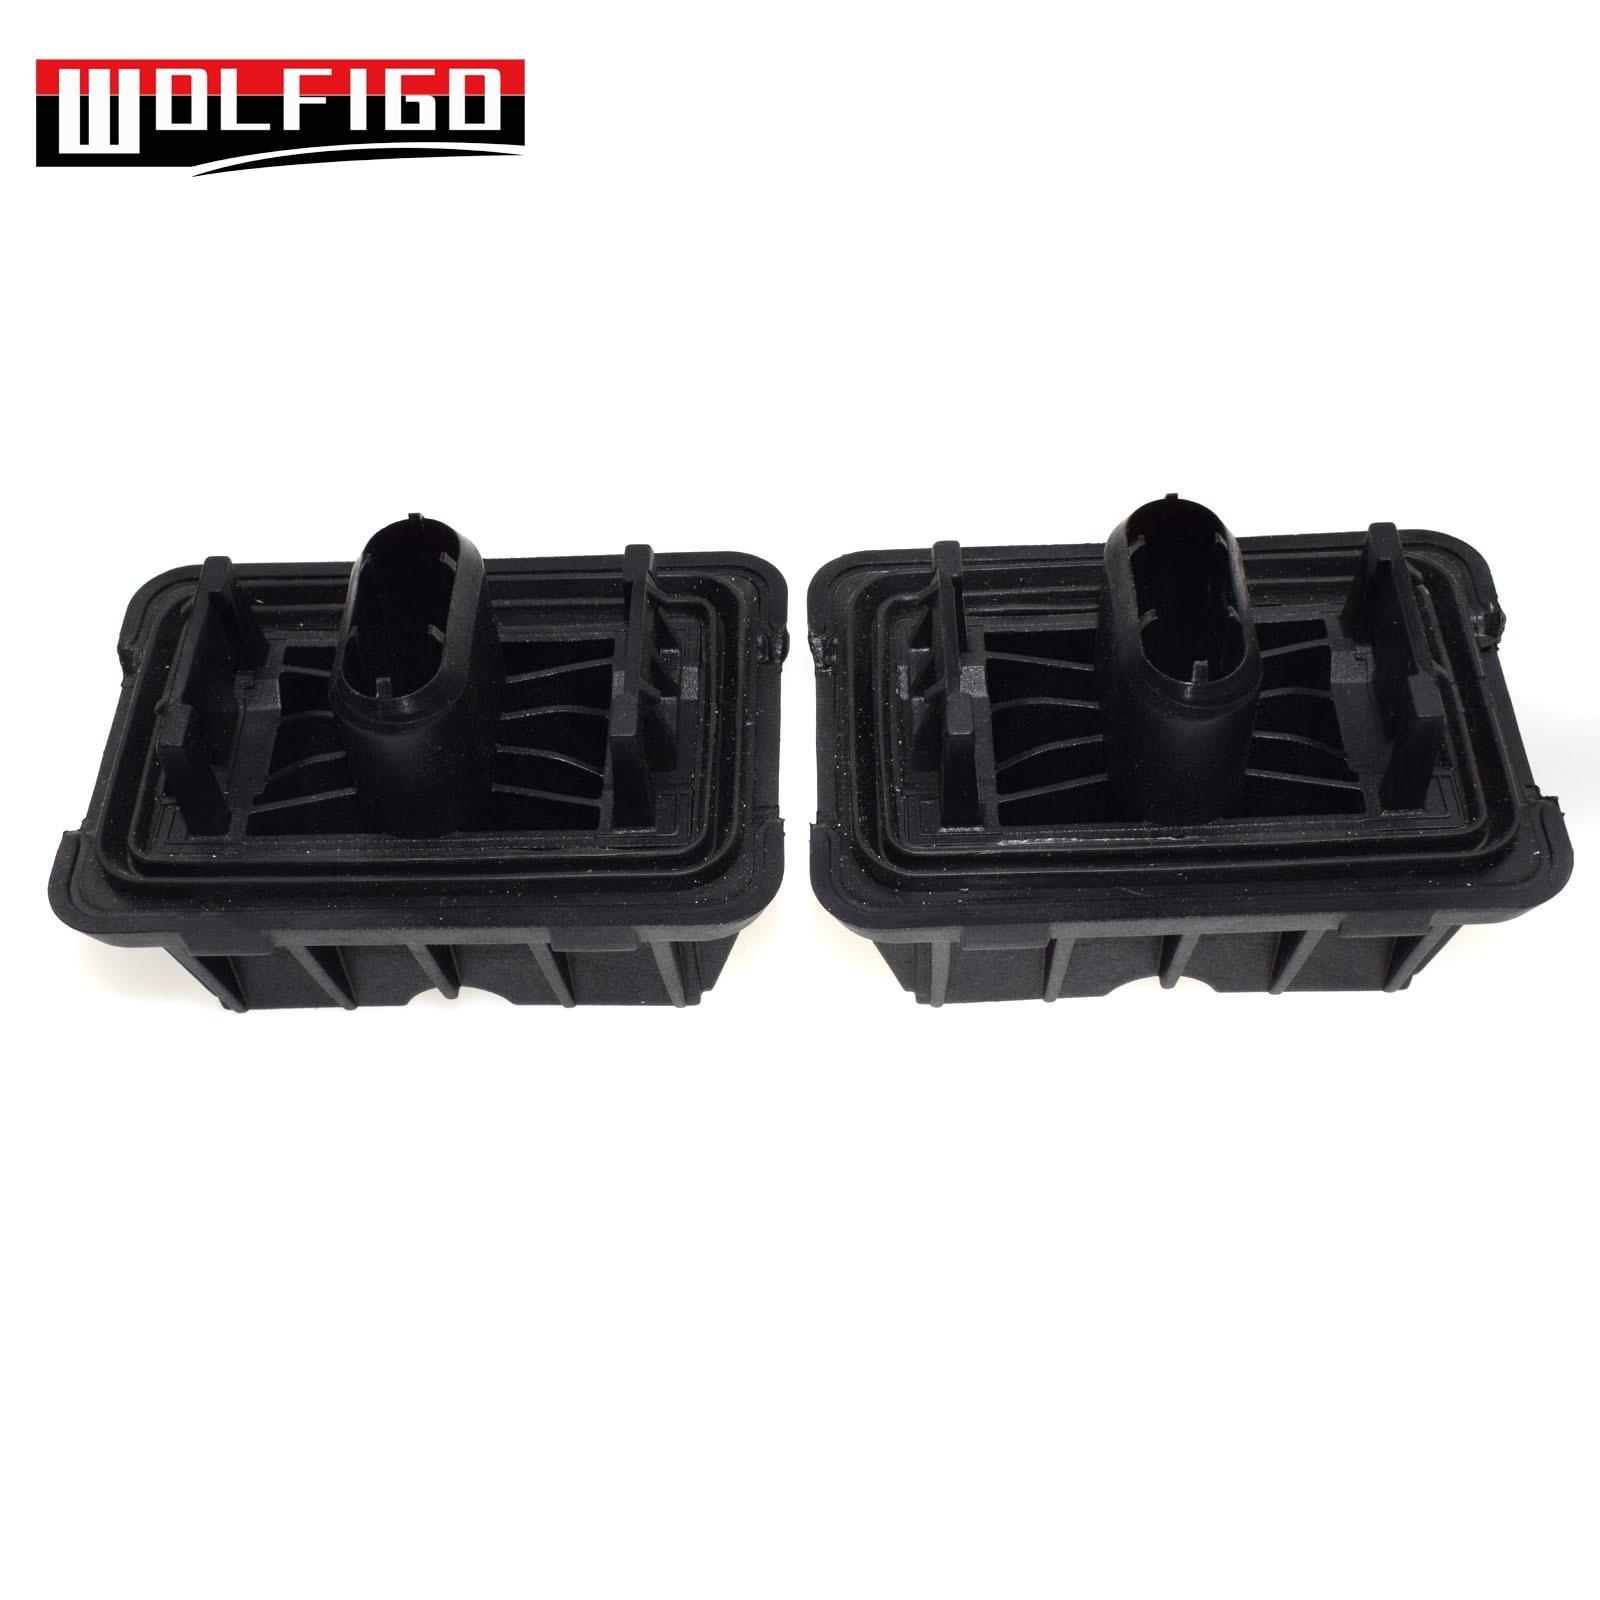 WOLFIGO ชุด 2PCS สำหรับ BMW E82 E90 แจ็คแผ่นภายใต้รถสนับสนุนสำหรับยกรถ 51717237195 ใหม่